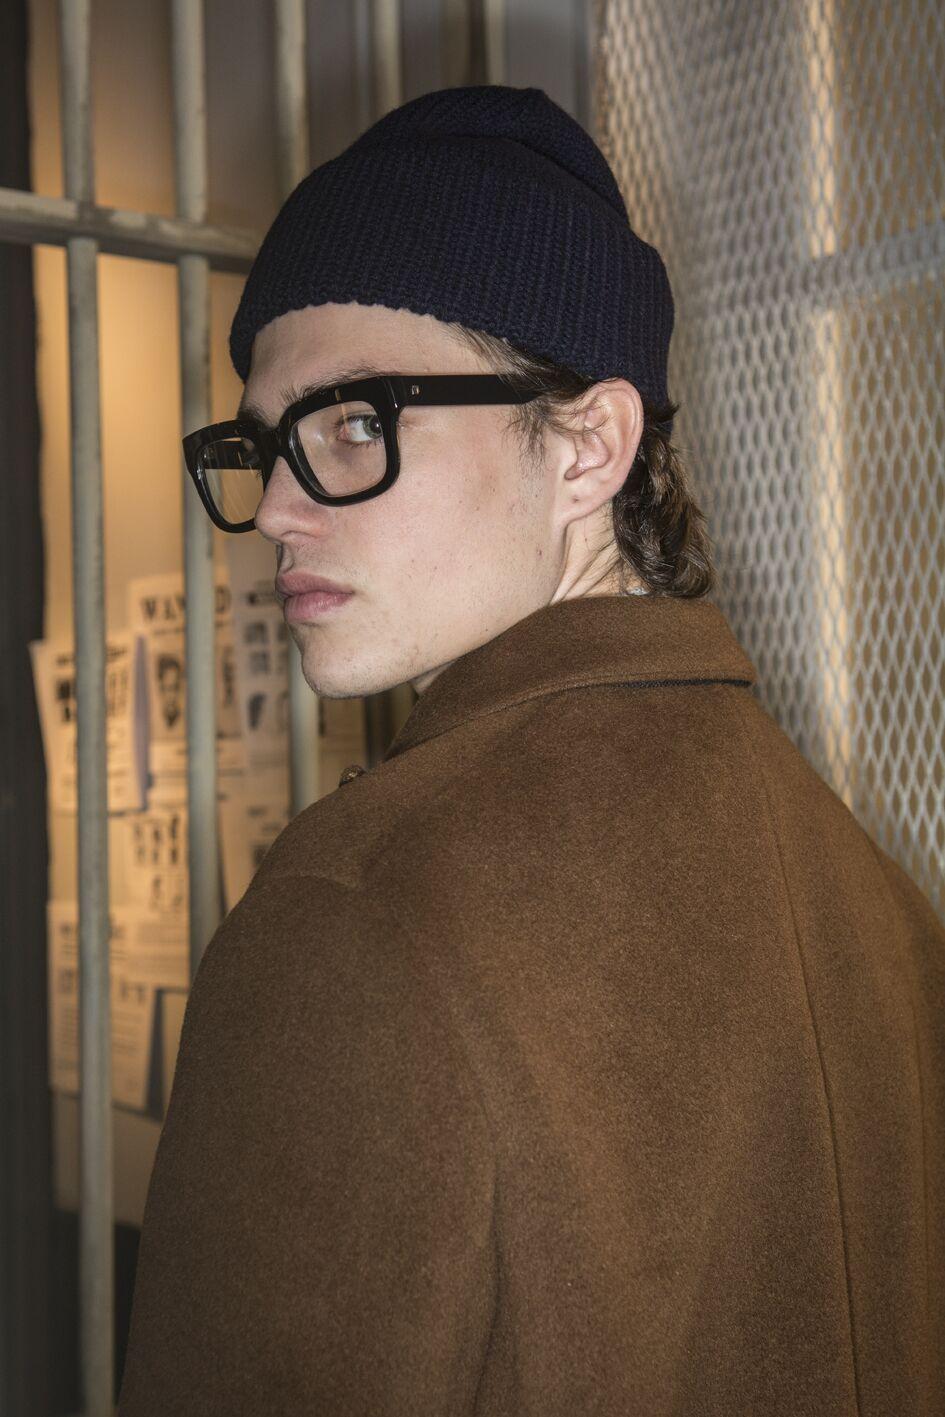 Dsquared2 Backstage Man Model